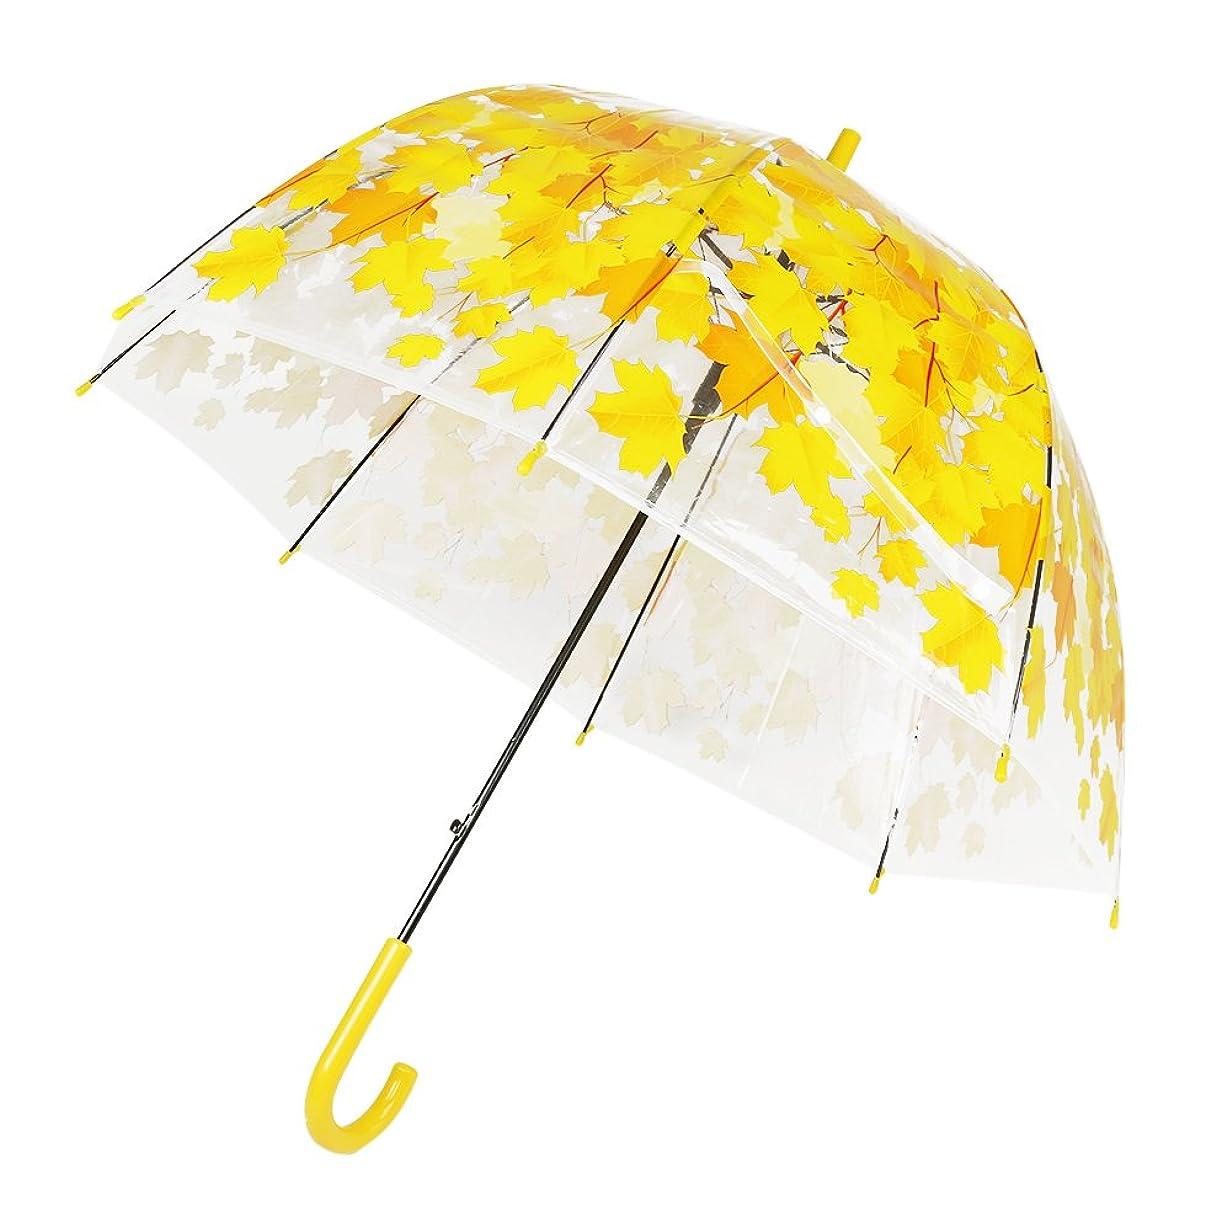 マントロバ終わらせるHuaJian 長傘 半透明ビニール傘 傘 ビニール 丈夫 紅葉柄傘 半自動開閉仕様女性用 花柄子供のための泡の傘ドーム形の雨の傘 8本骨 (イエロー)